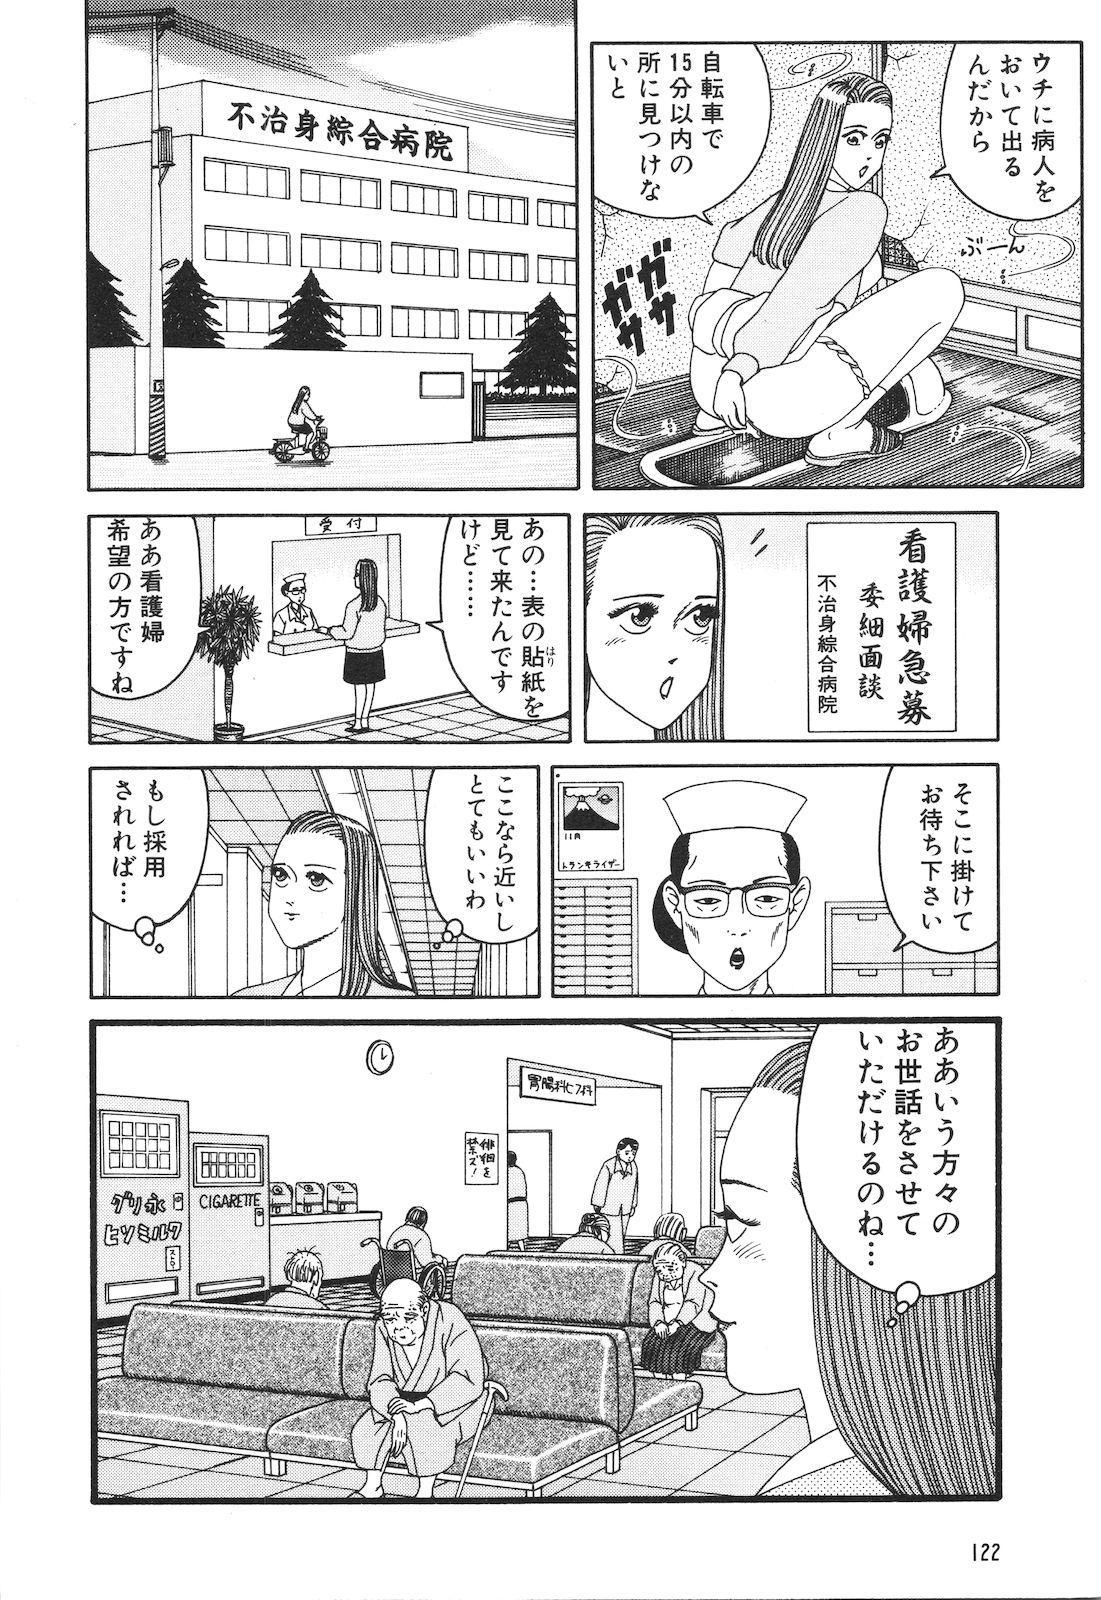 Dobusarai Gekijou 123